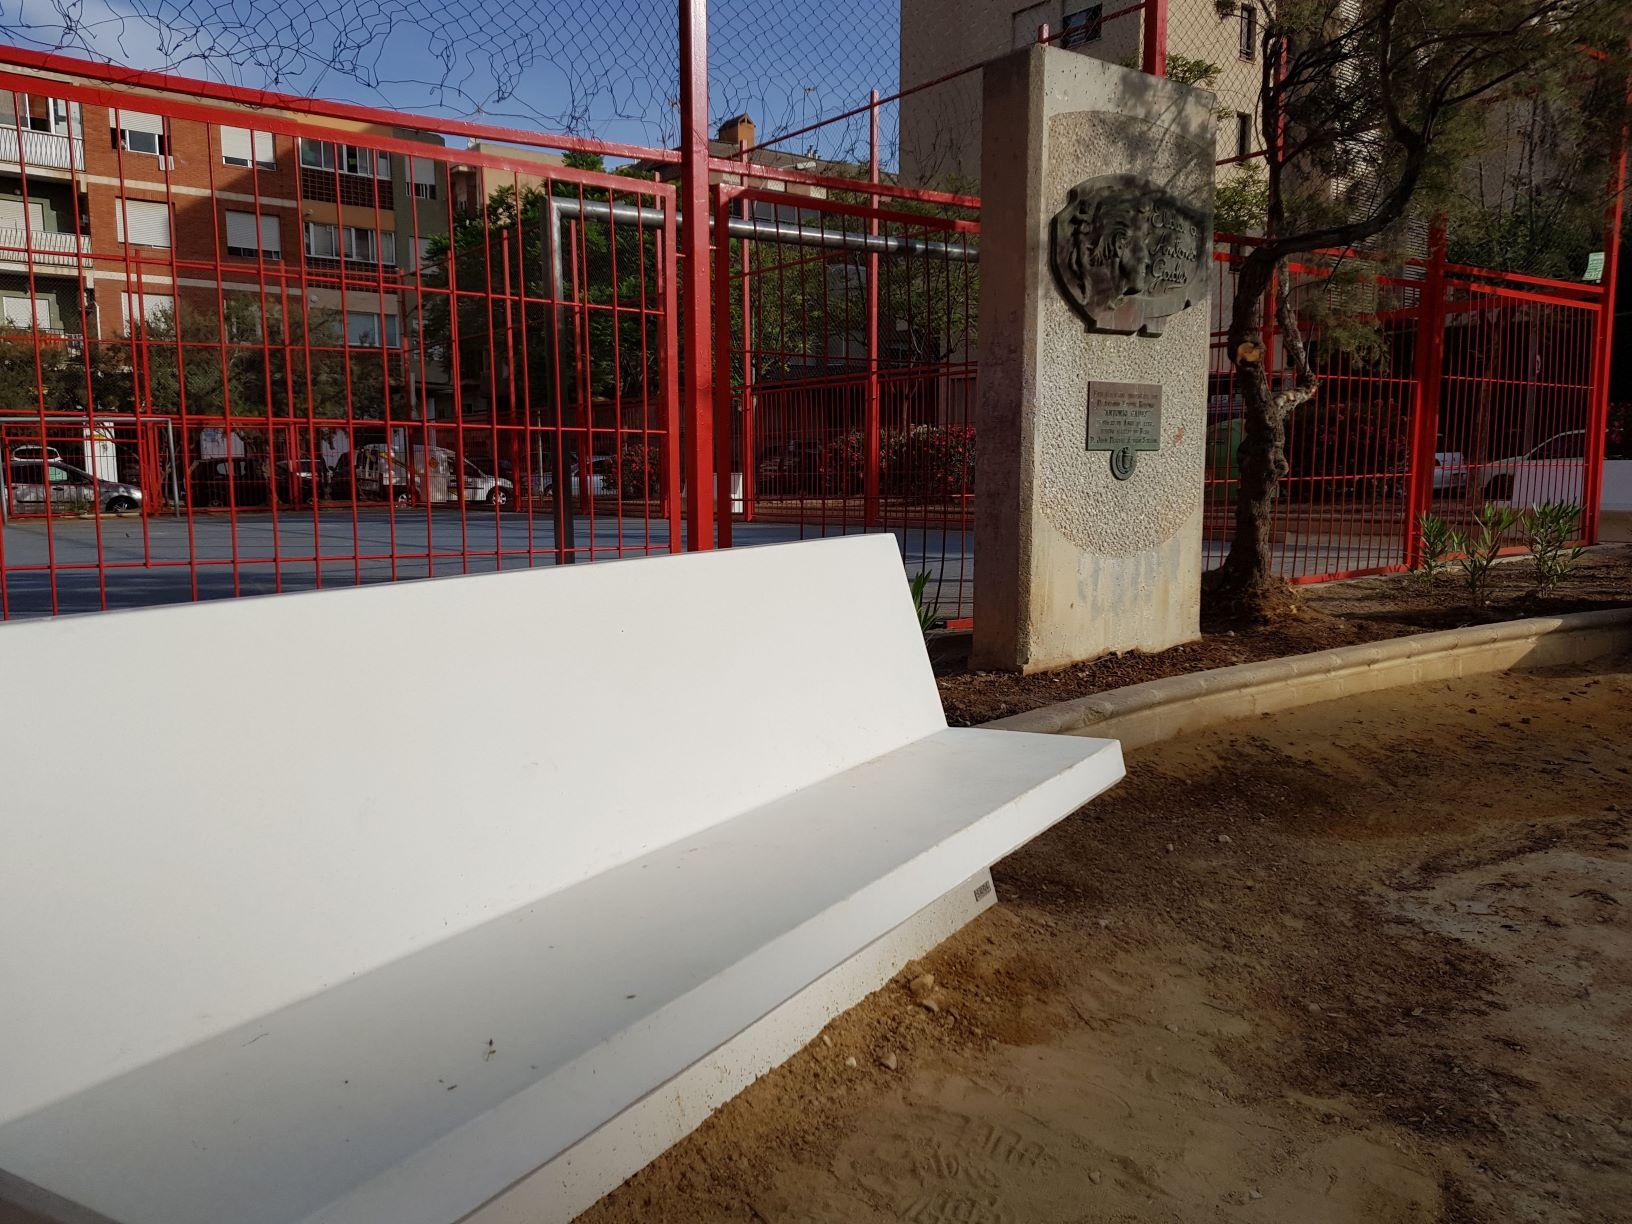 La  Concejalía de Servicios Públicos finaliza la renovación completa del Parque Antonio Gades